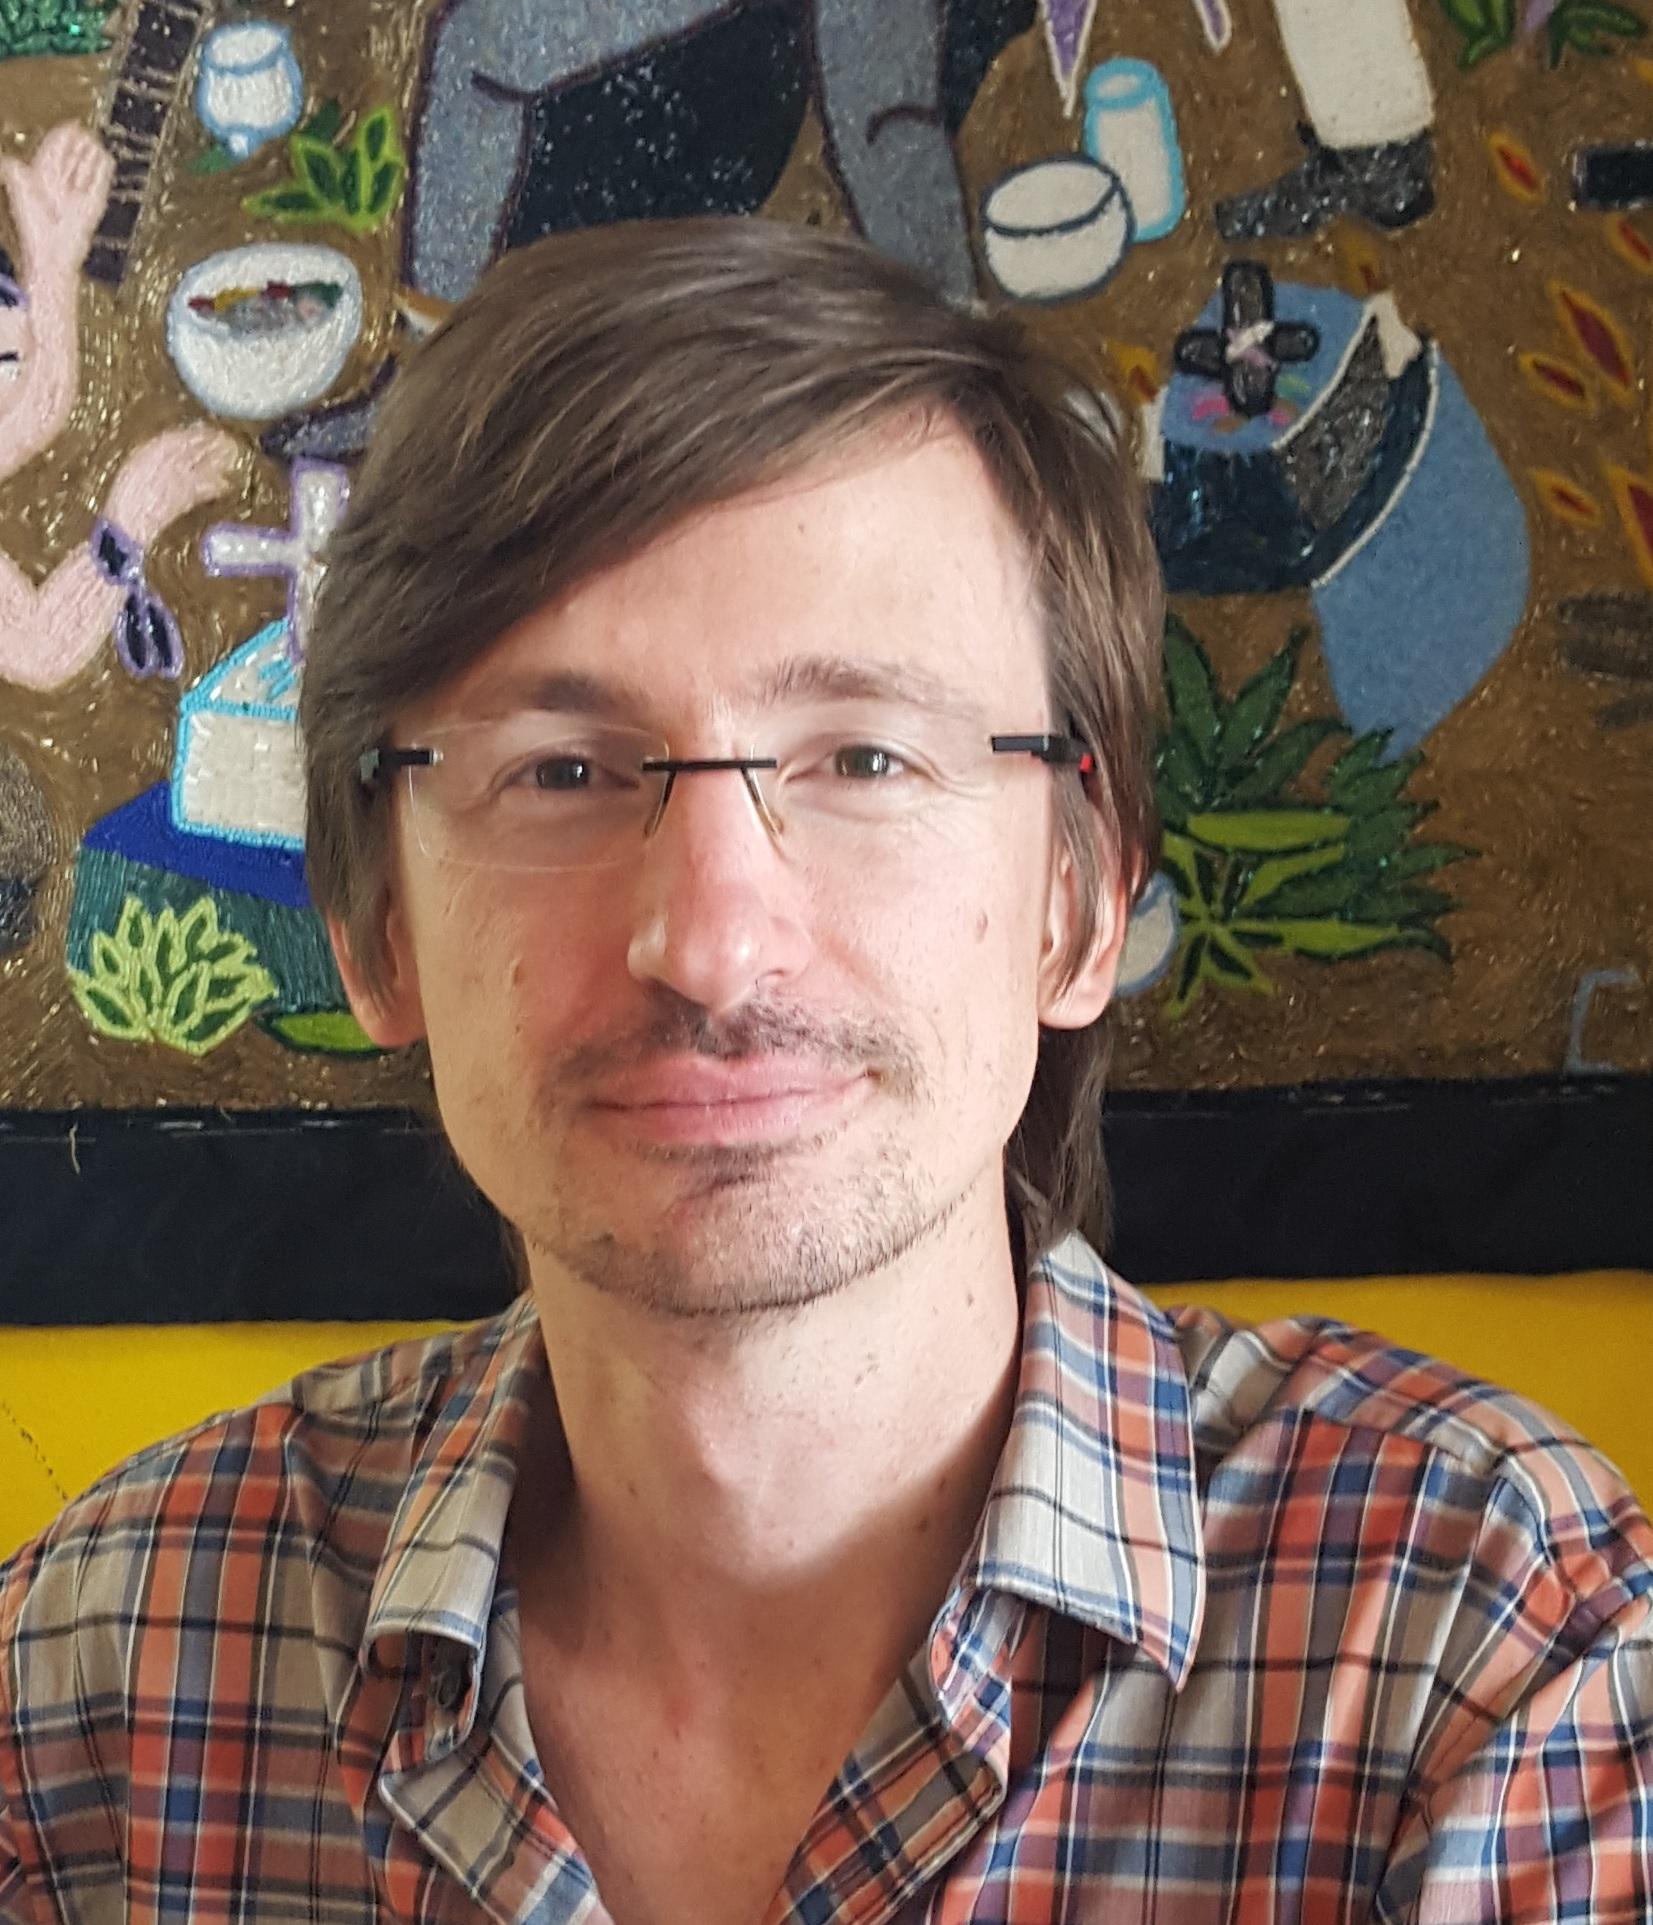 Miguel Rui Ribeiro Da Silva Taborda Ramos